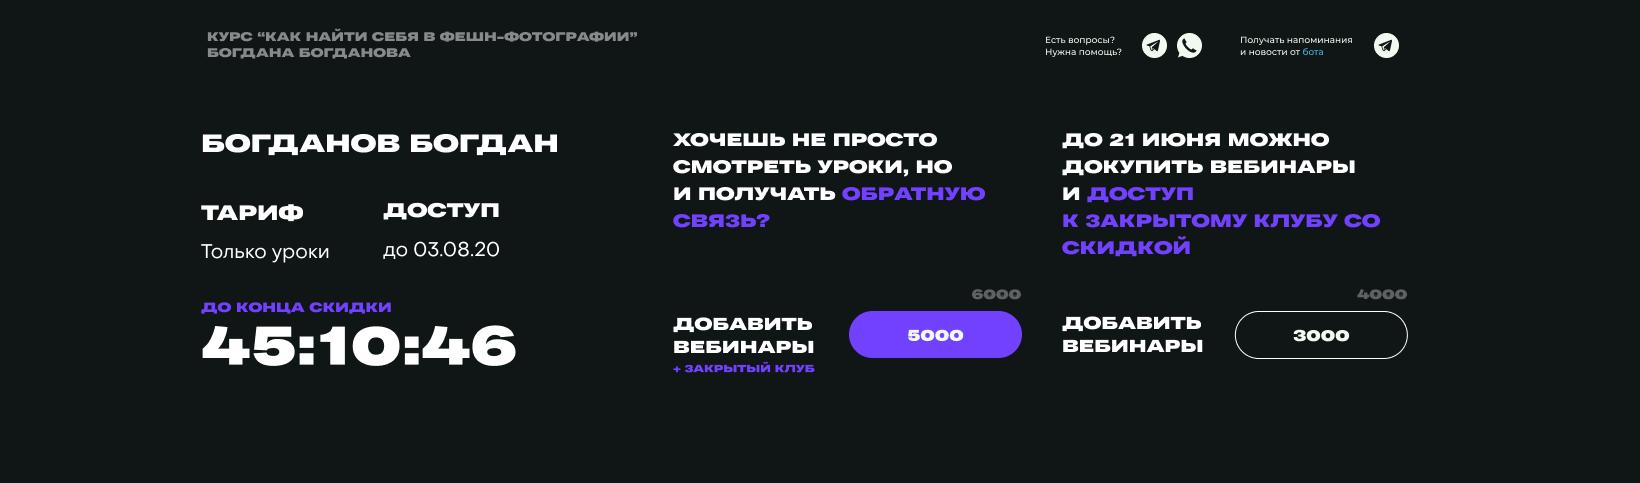 Дизайн личного кабинета для курса Богдана Богданова 6